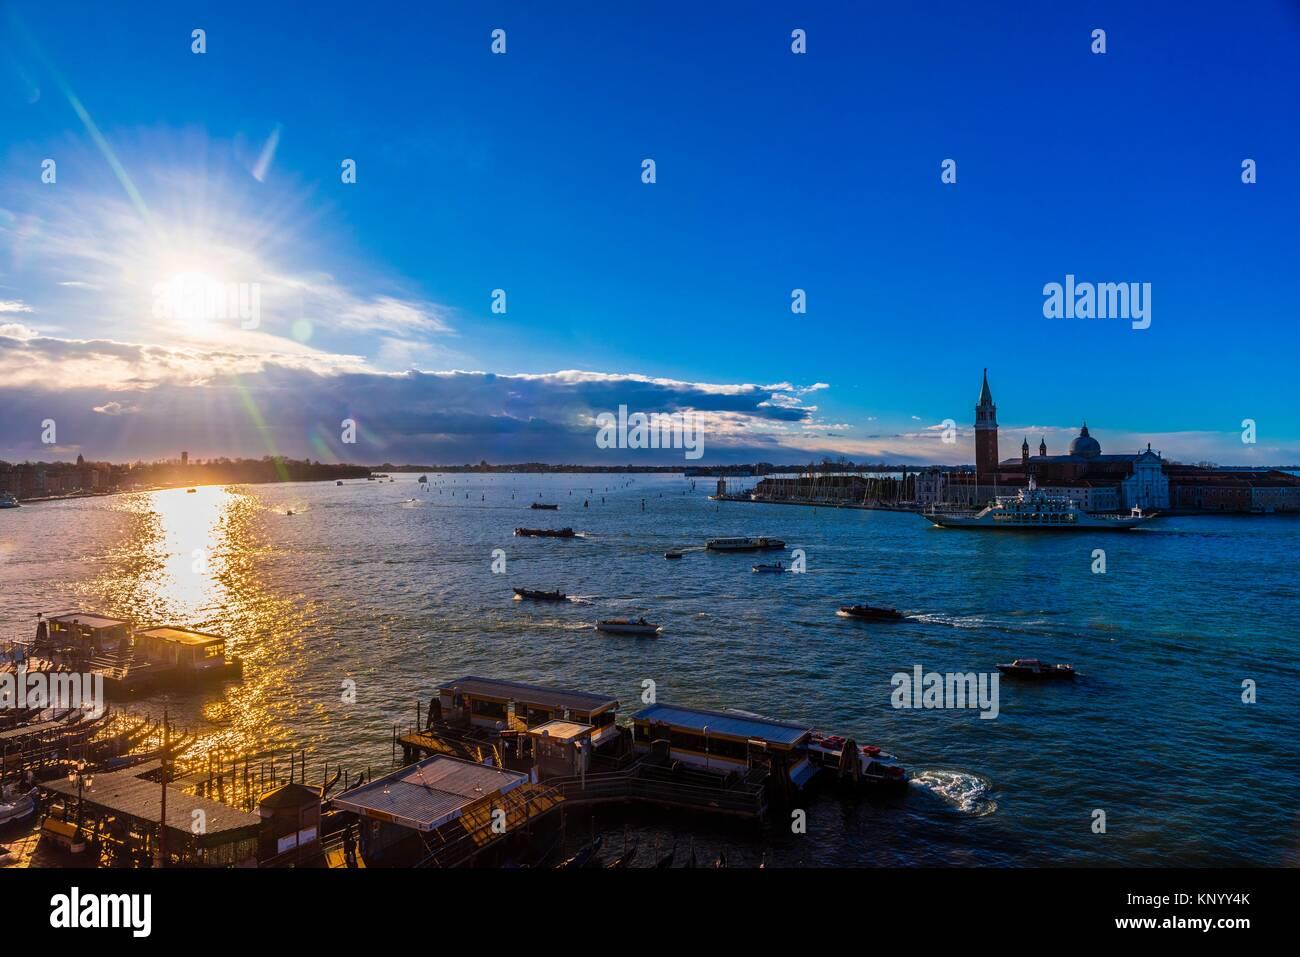 Blick über die Lagune von Venedig zur Kirche von San Giorgio Maggiore, Venedig, Italien. Stockfoto